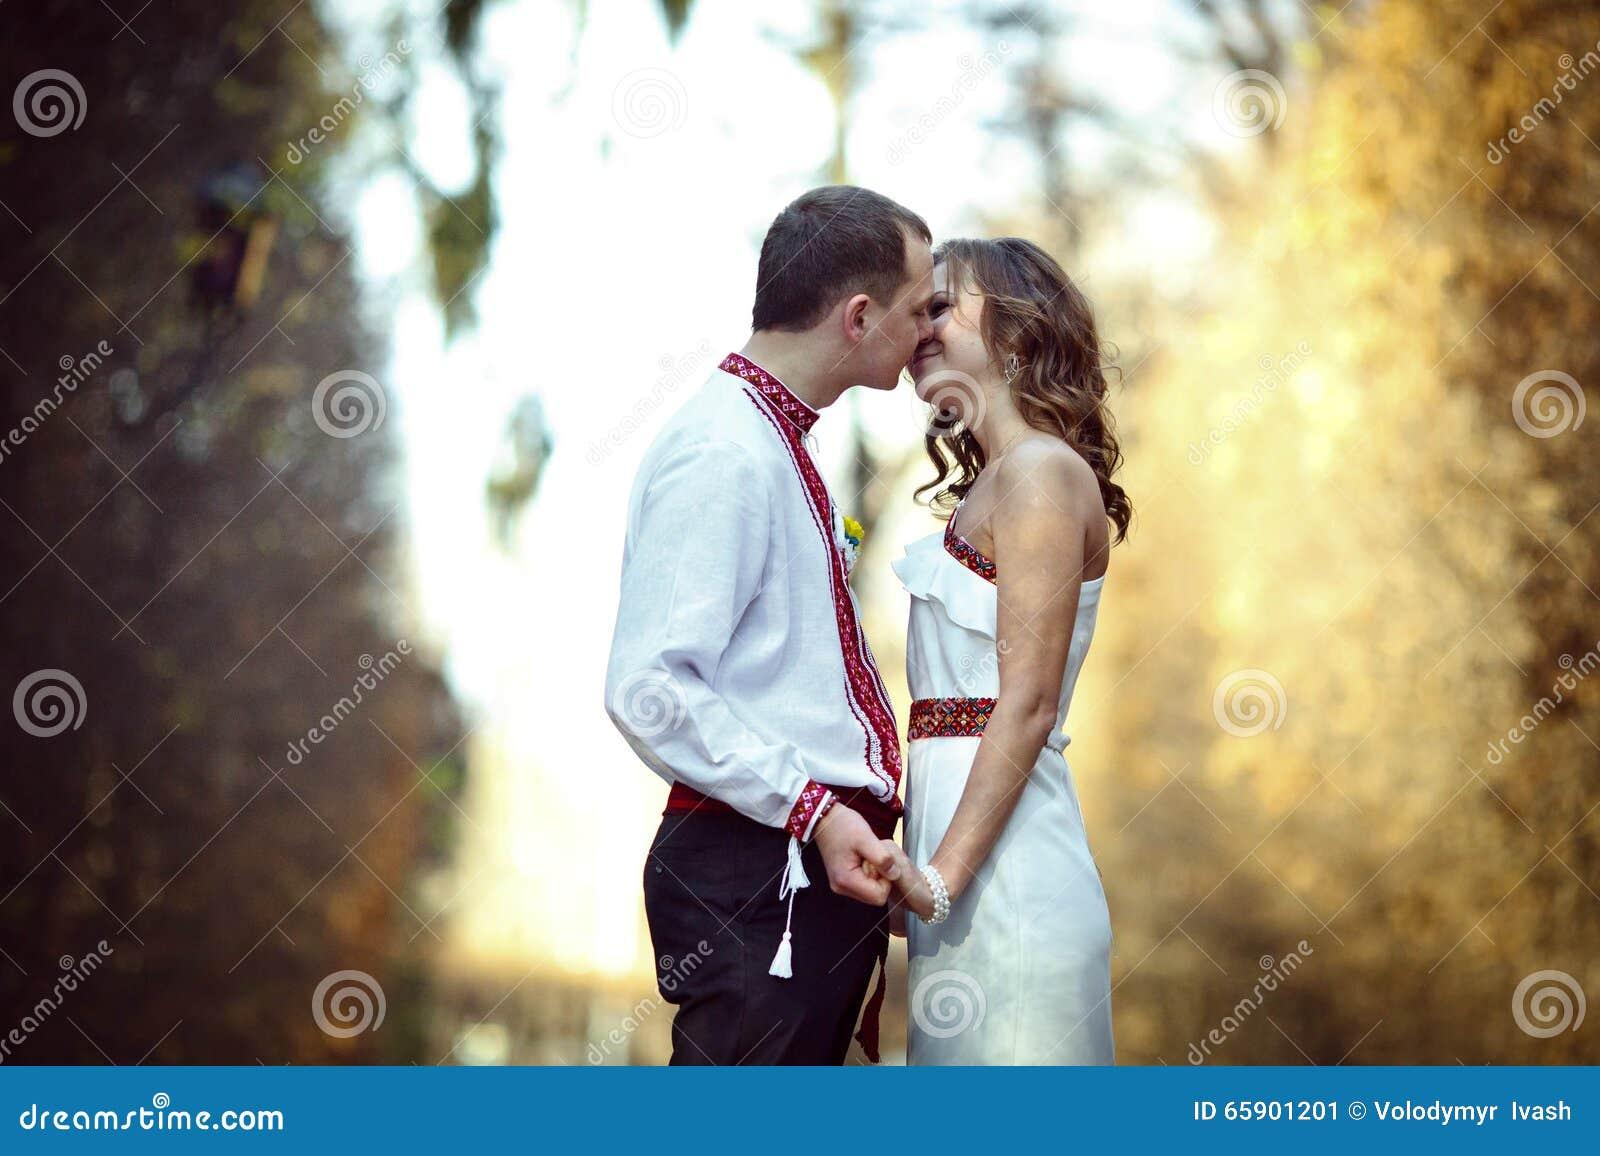 Ουκρανικές νύφες dating